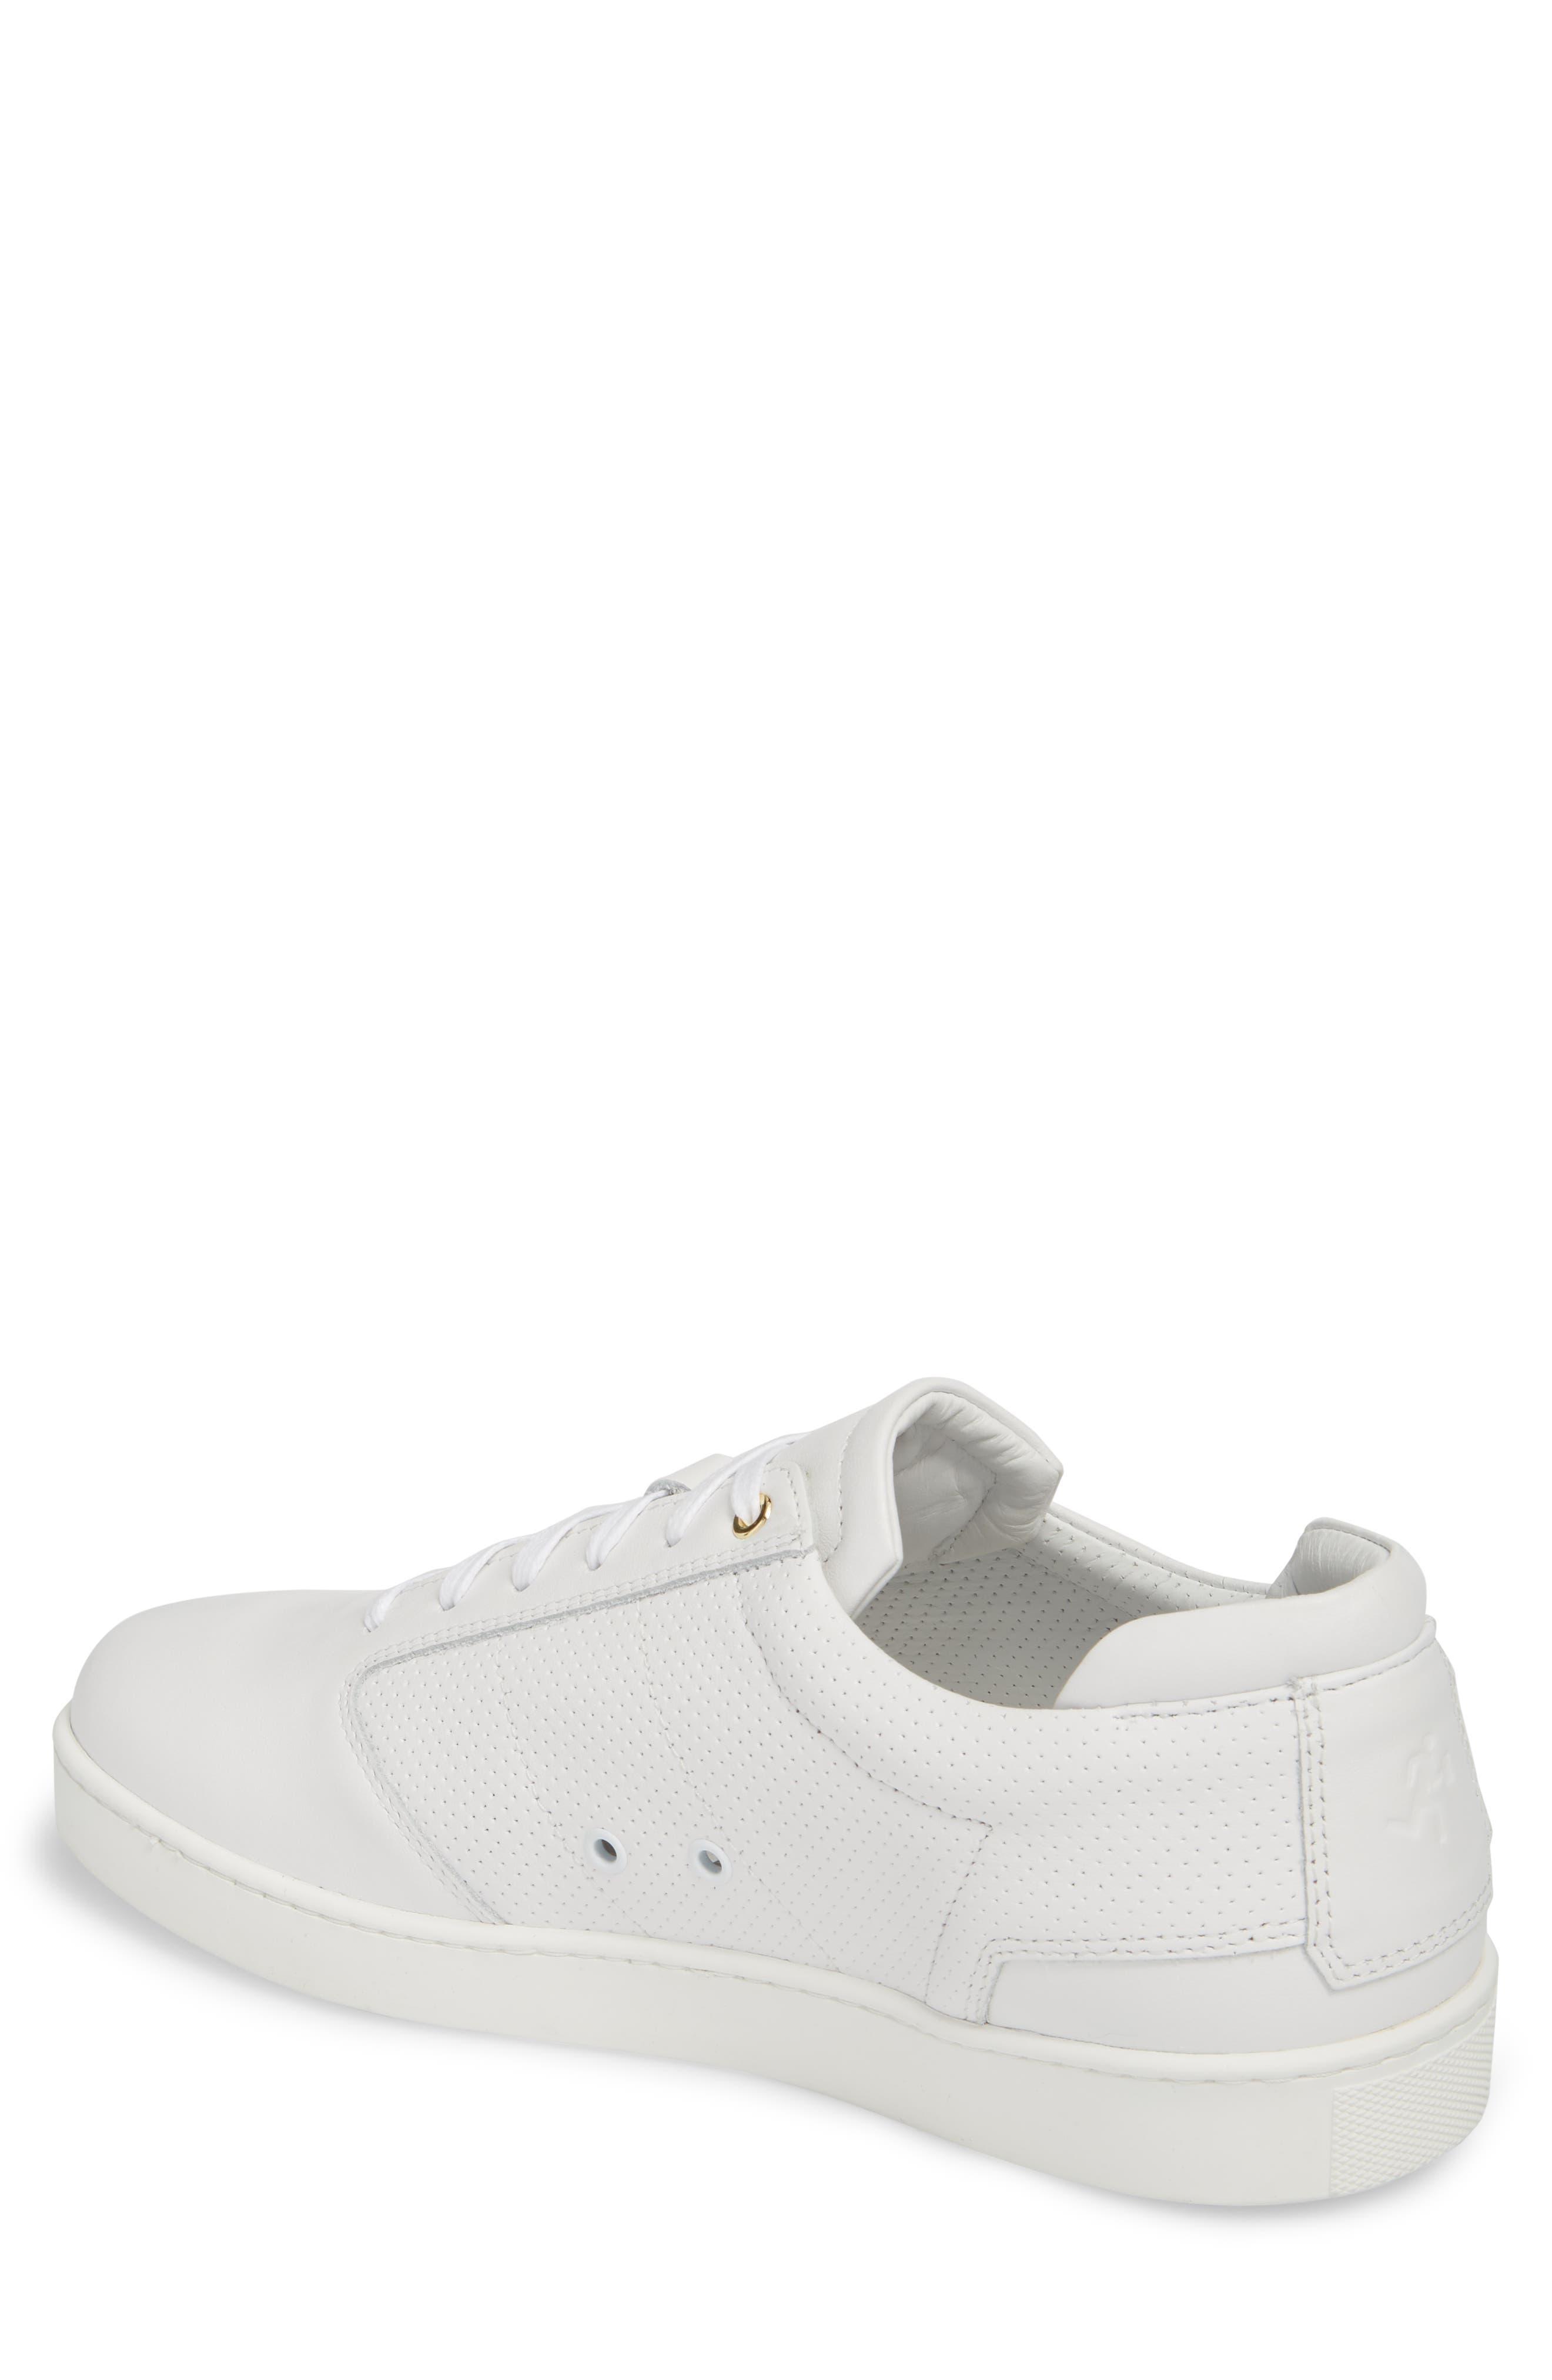 Lennon Sneaker,                             Alternate thumbnail 2, color,                             177